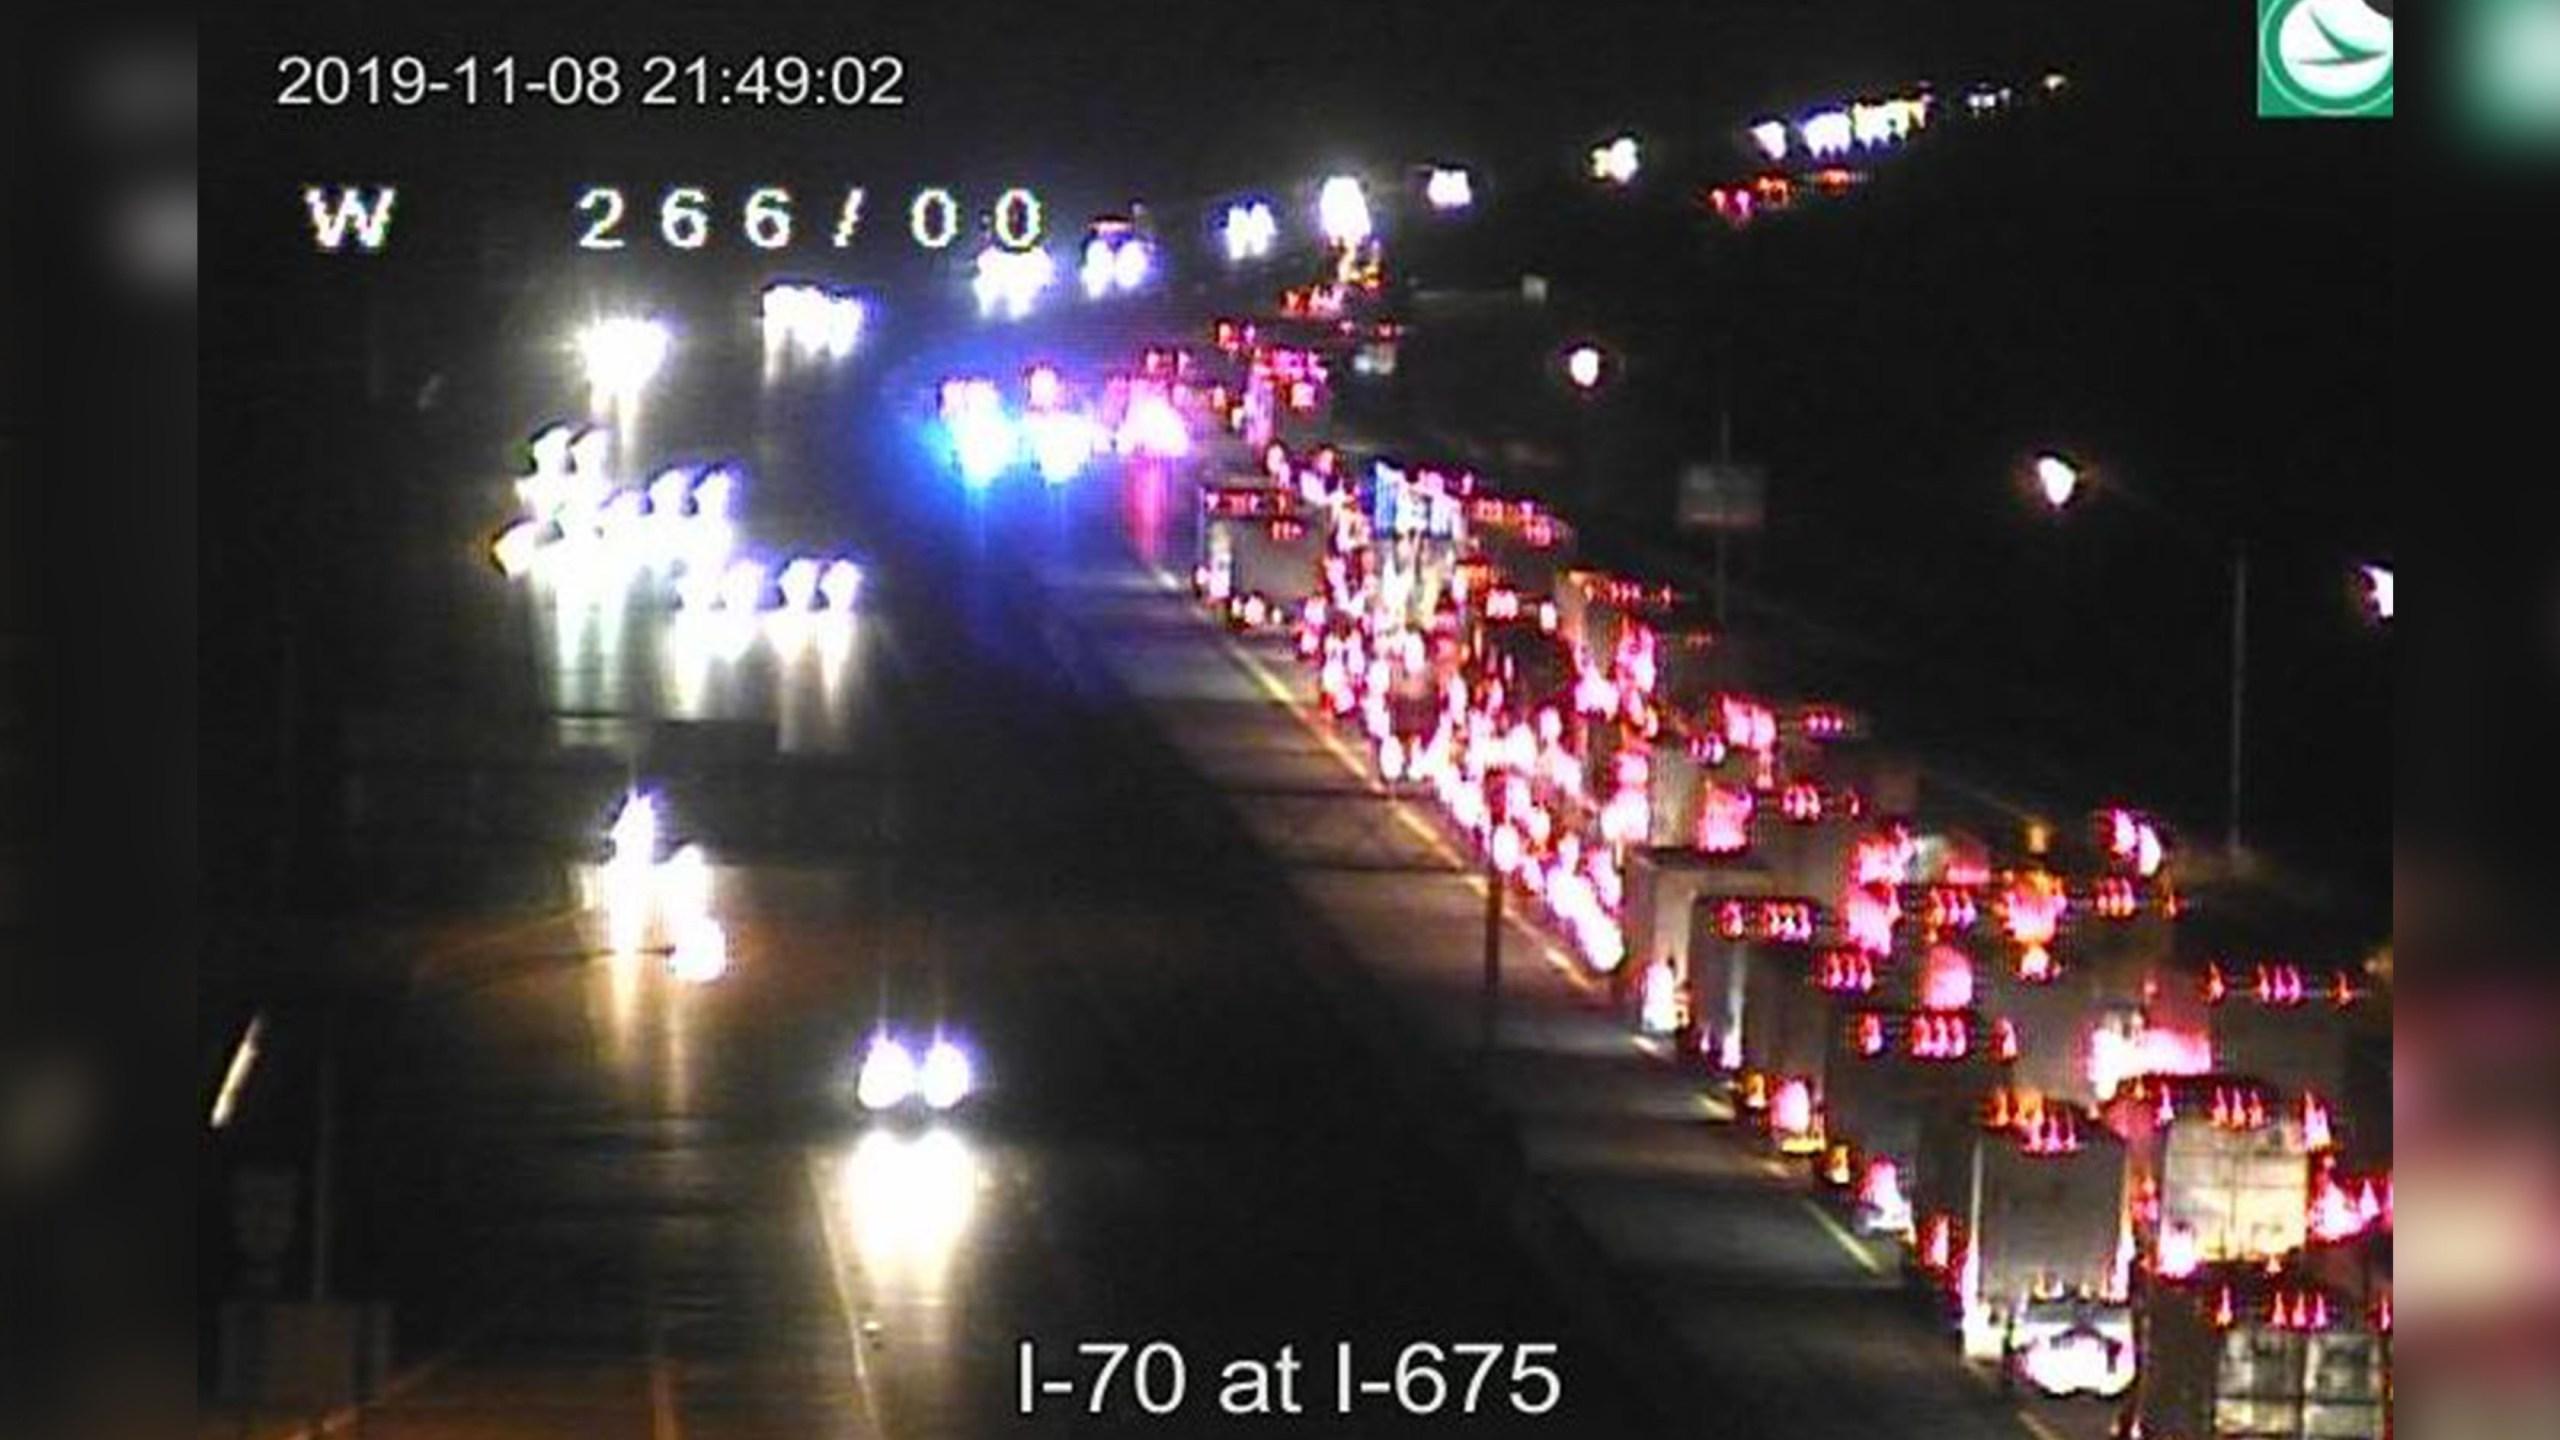 I-70 at I-675